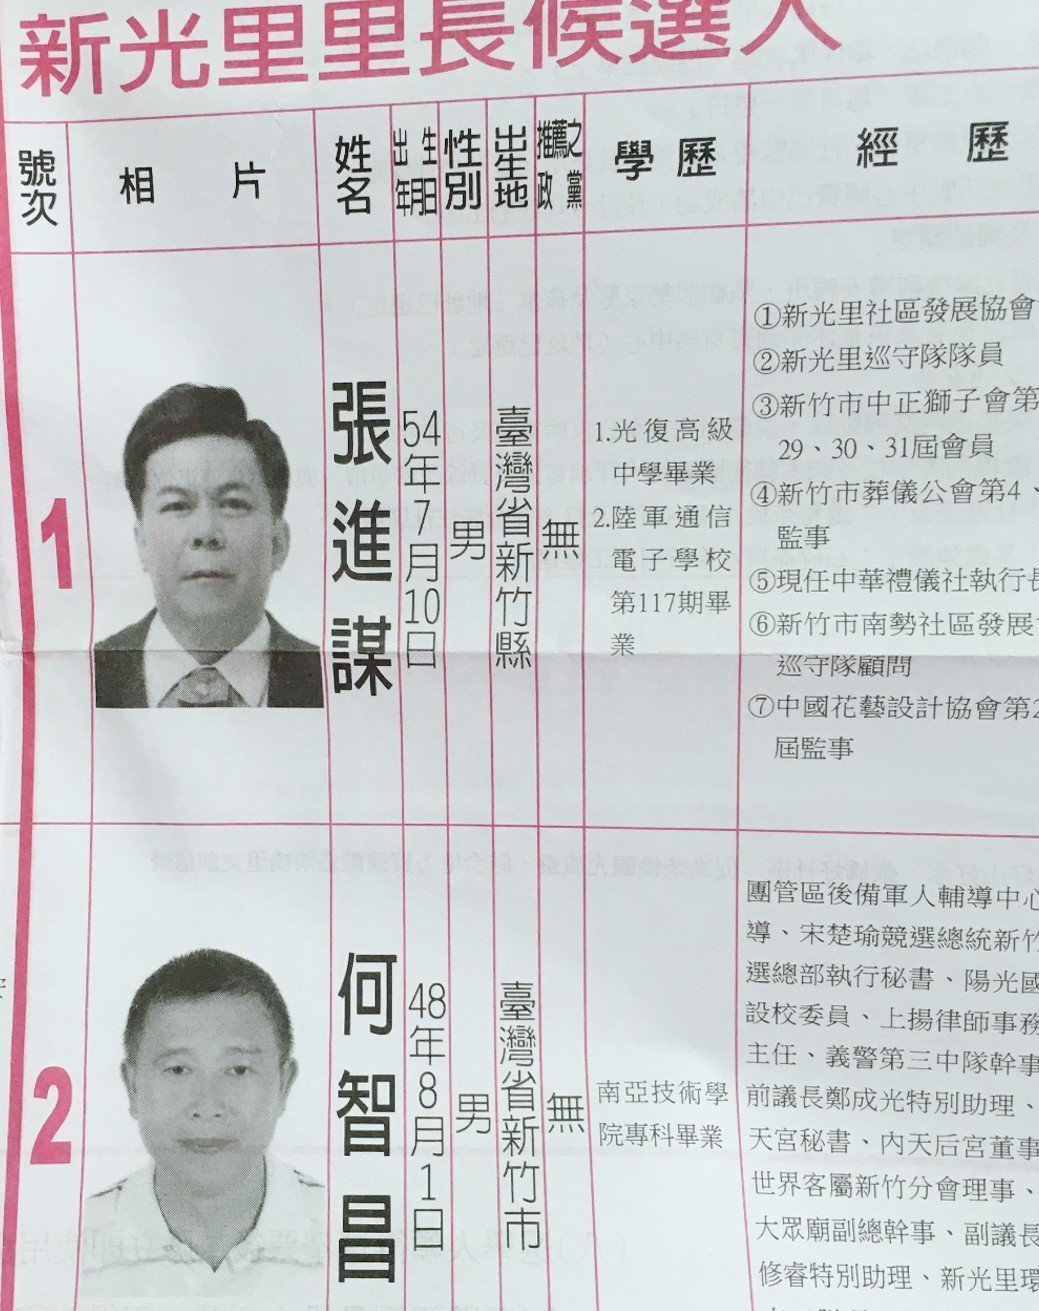 新竹市新光里里長當選人出爐,由何智昌連任。記者張雅婷/攝影